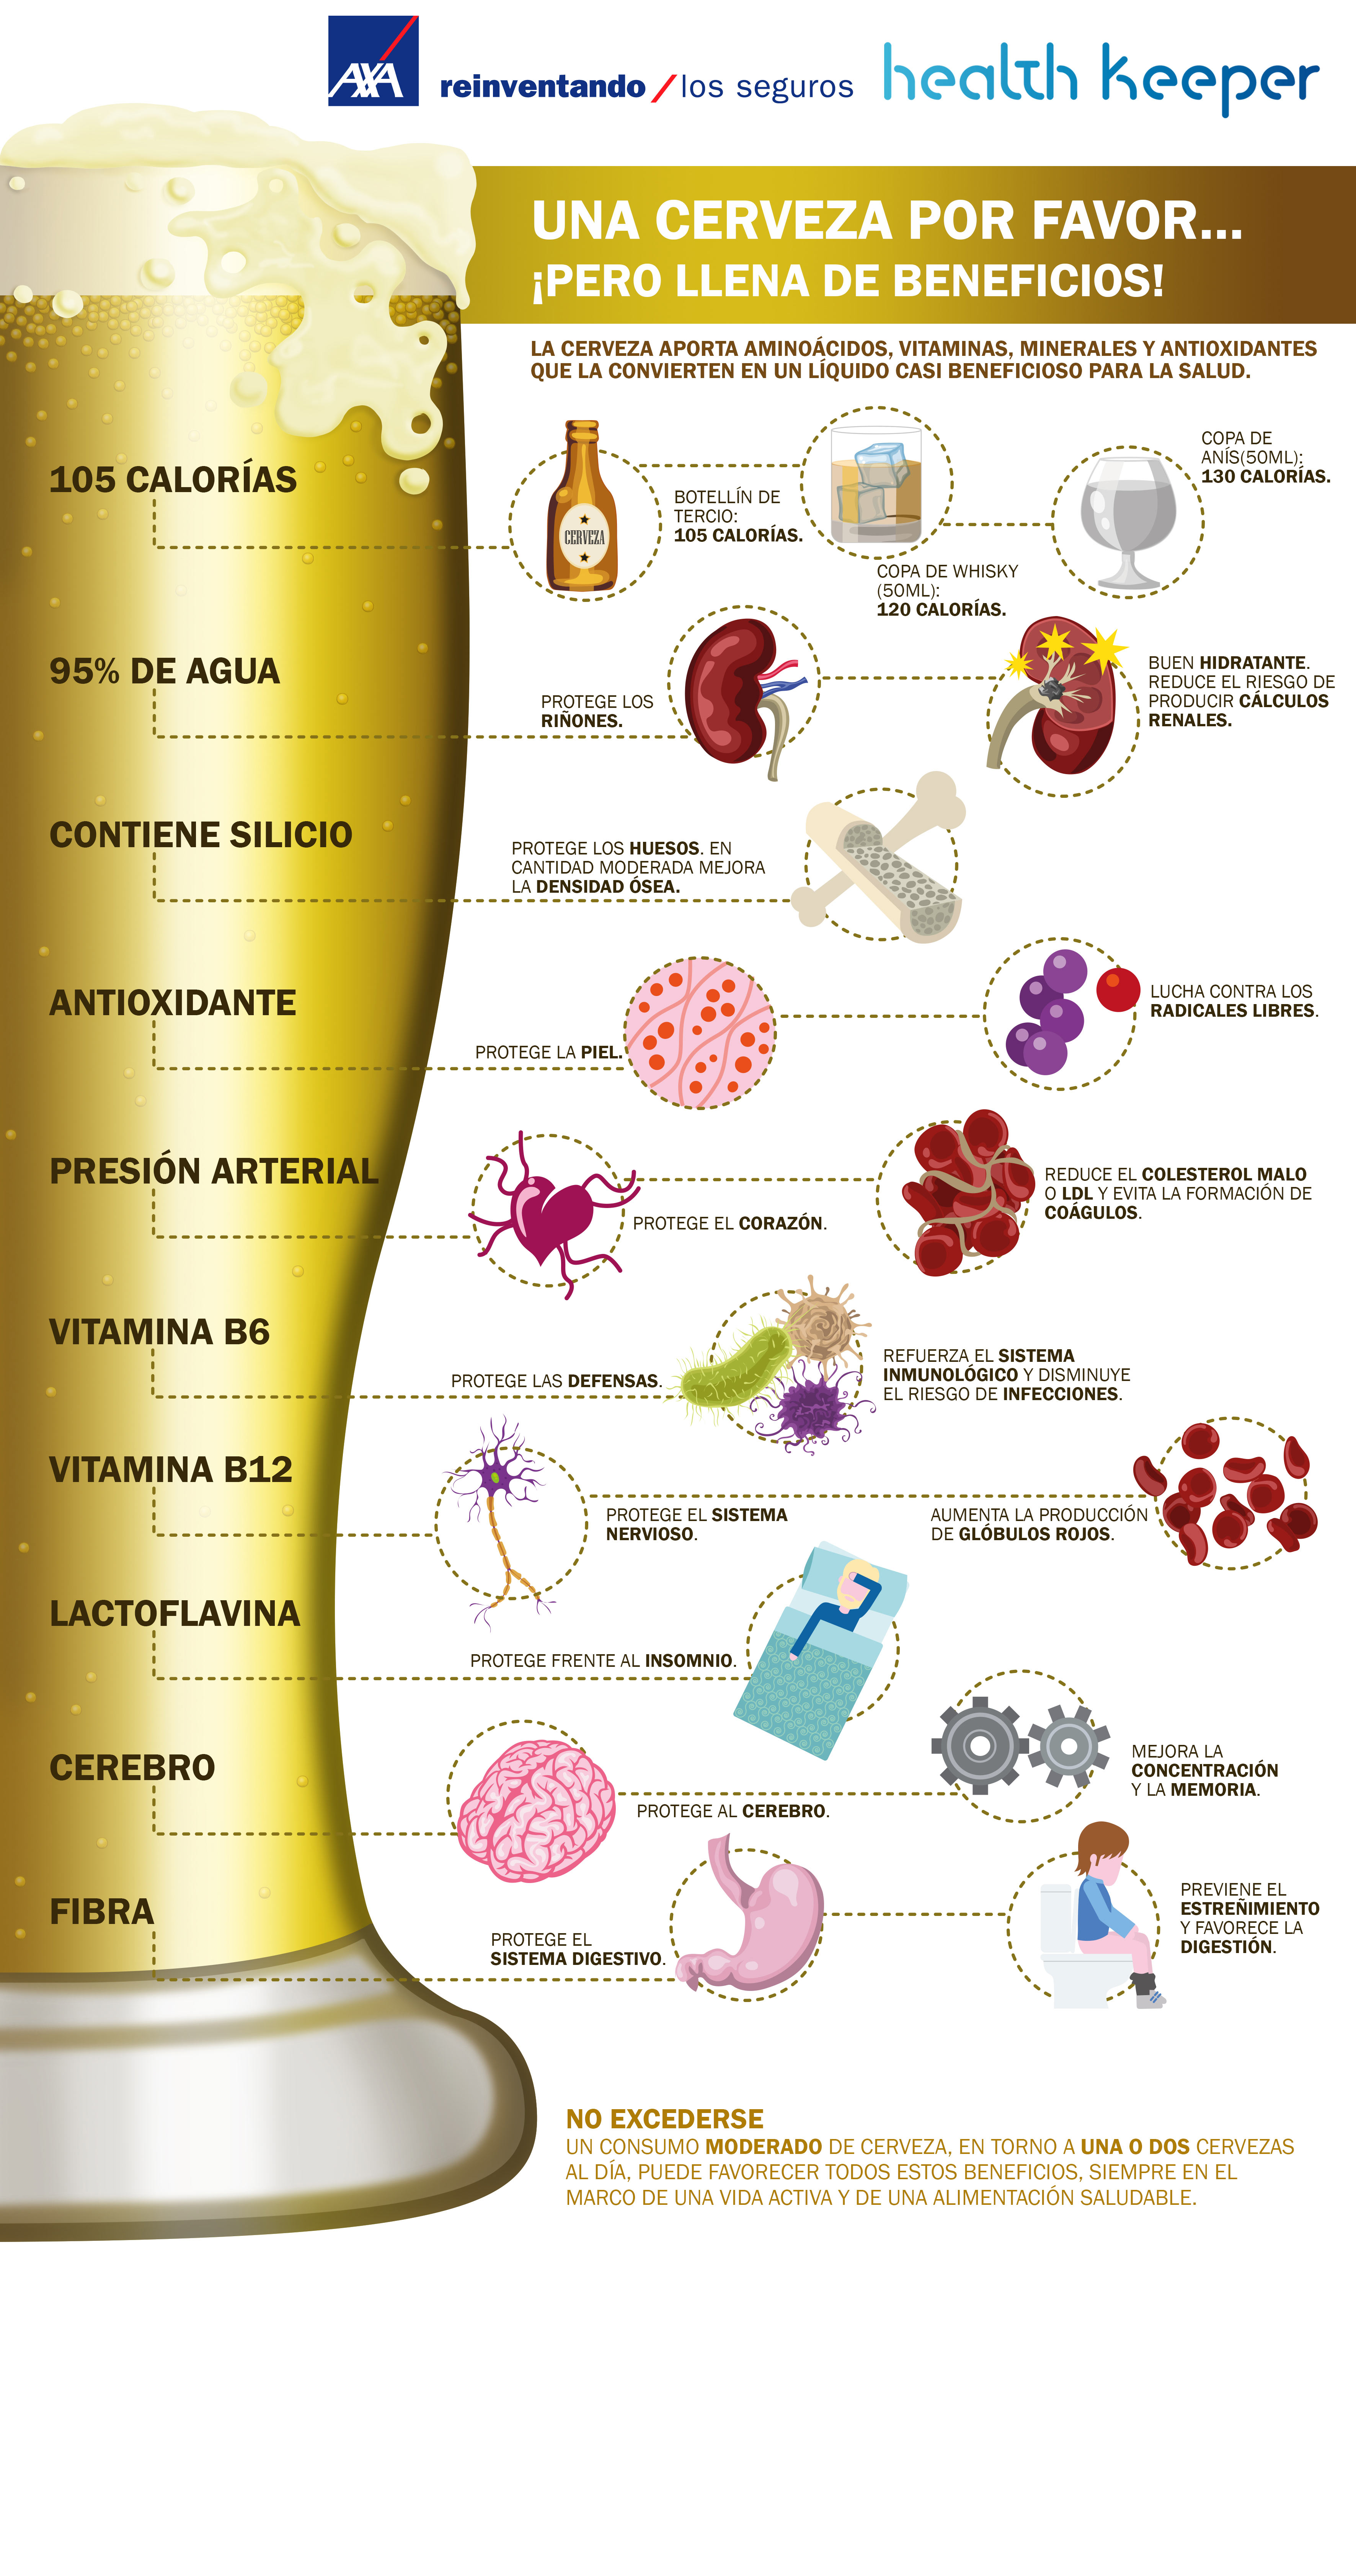 Beneficios de la cerveza AXA Healthkeeper PORTADA